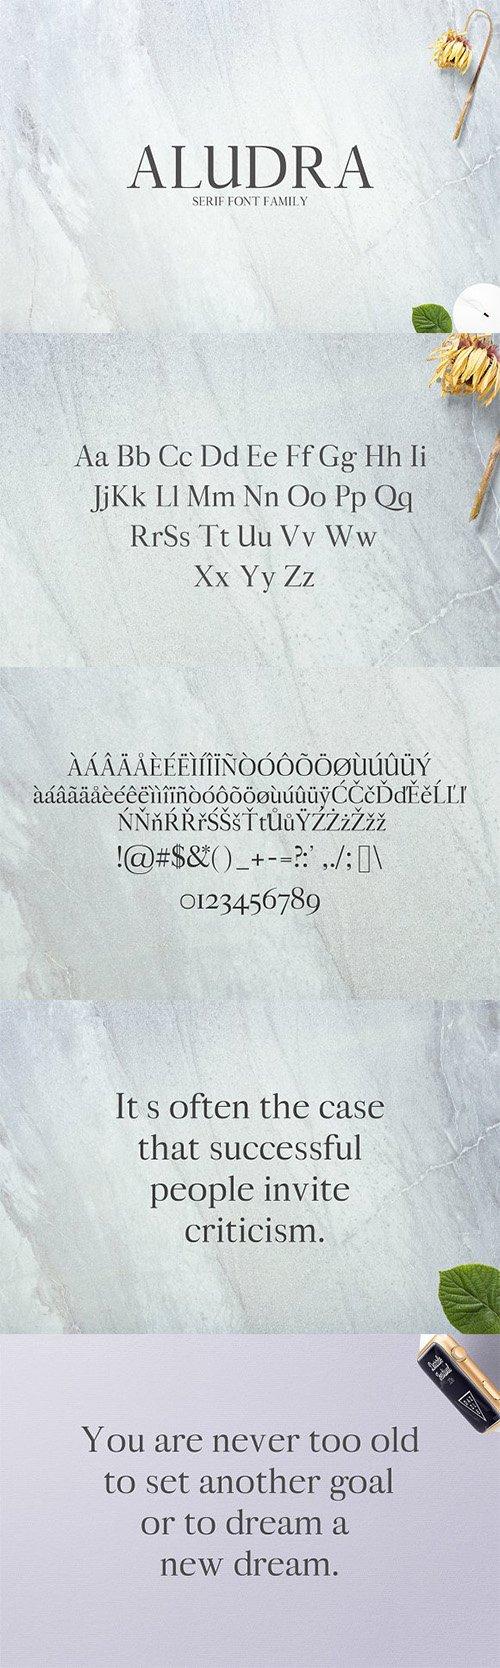 Aludra Serif 12 Font Family Pack 1399783